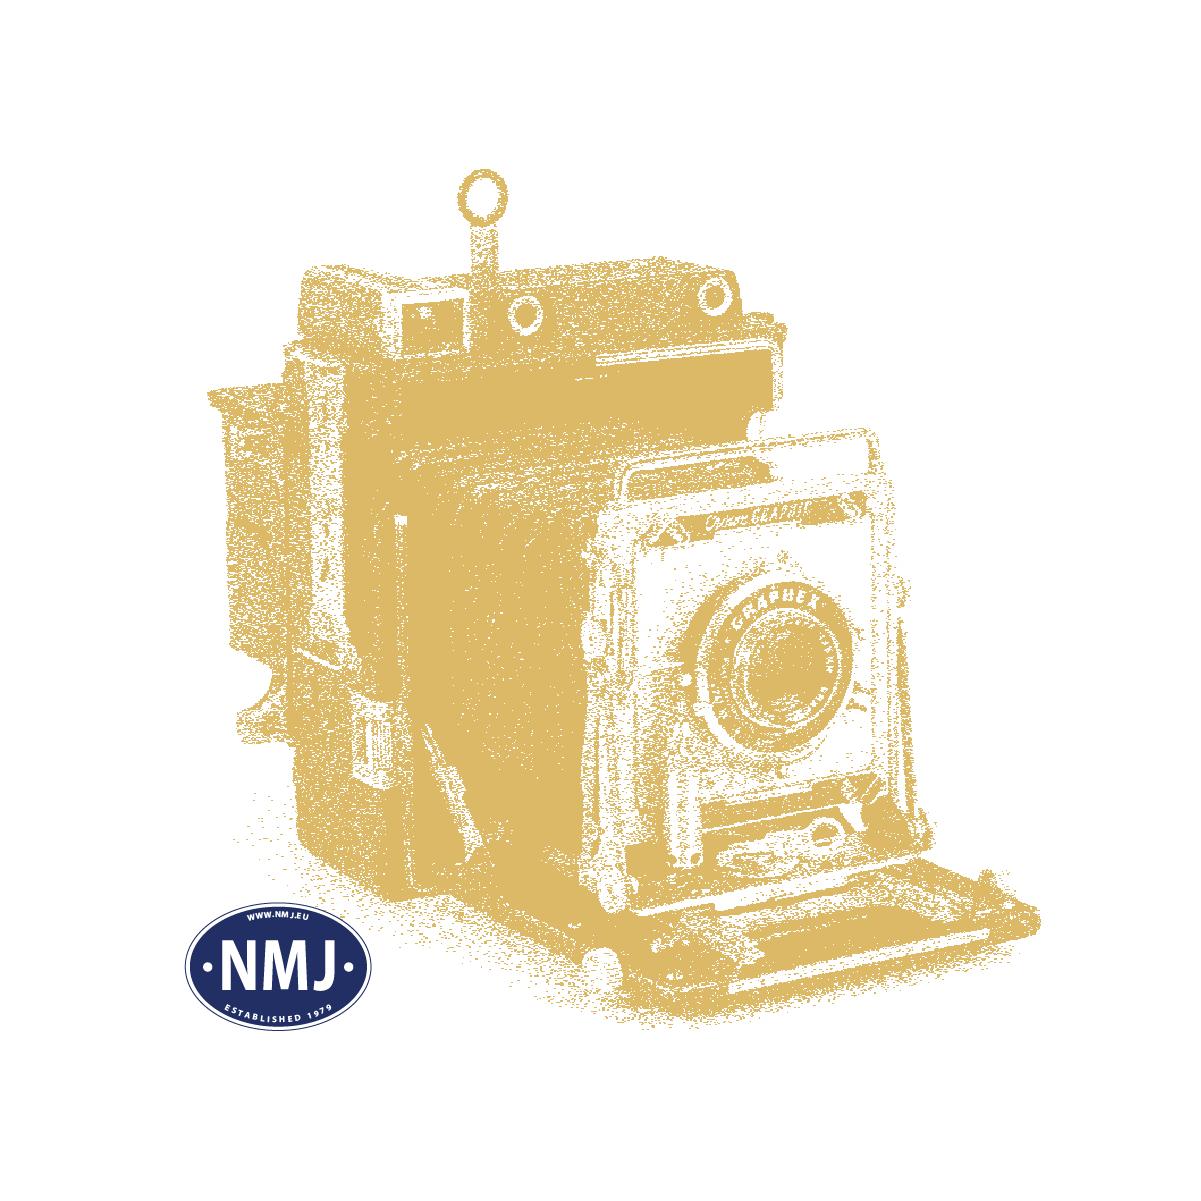 NMJT90008 - NMJ Topline NSB Di3a 605 w/ Big Snowplow, Red/Black Livery, DCC Sound